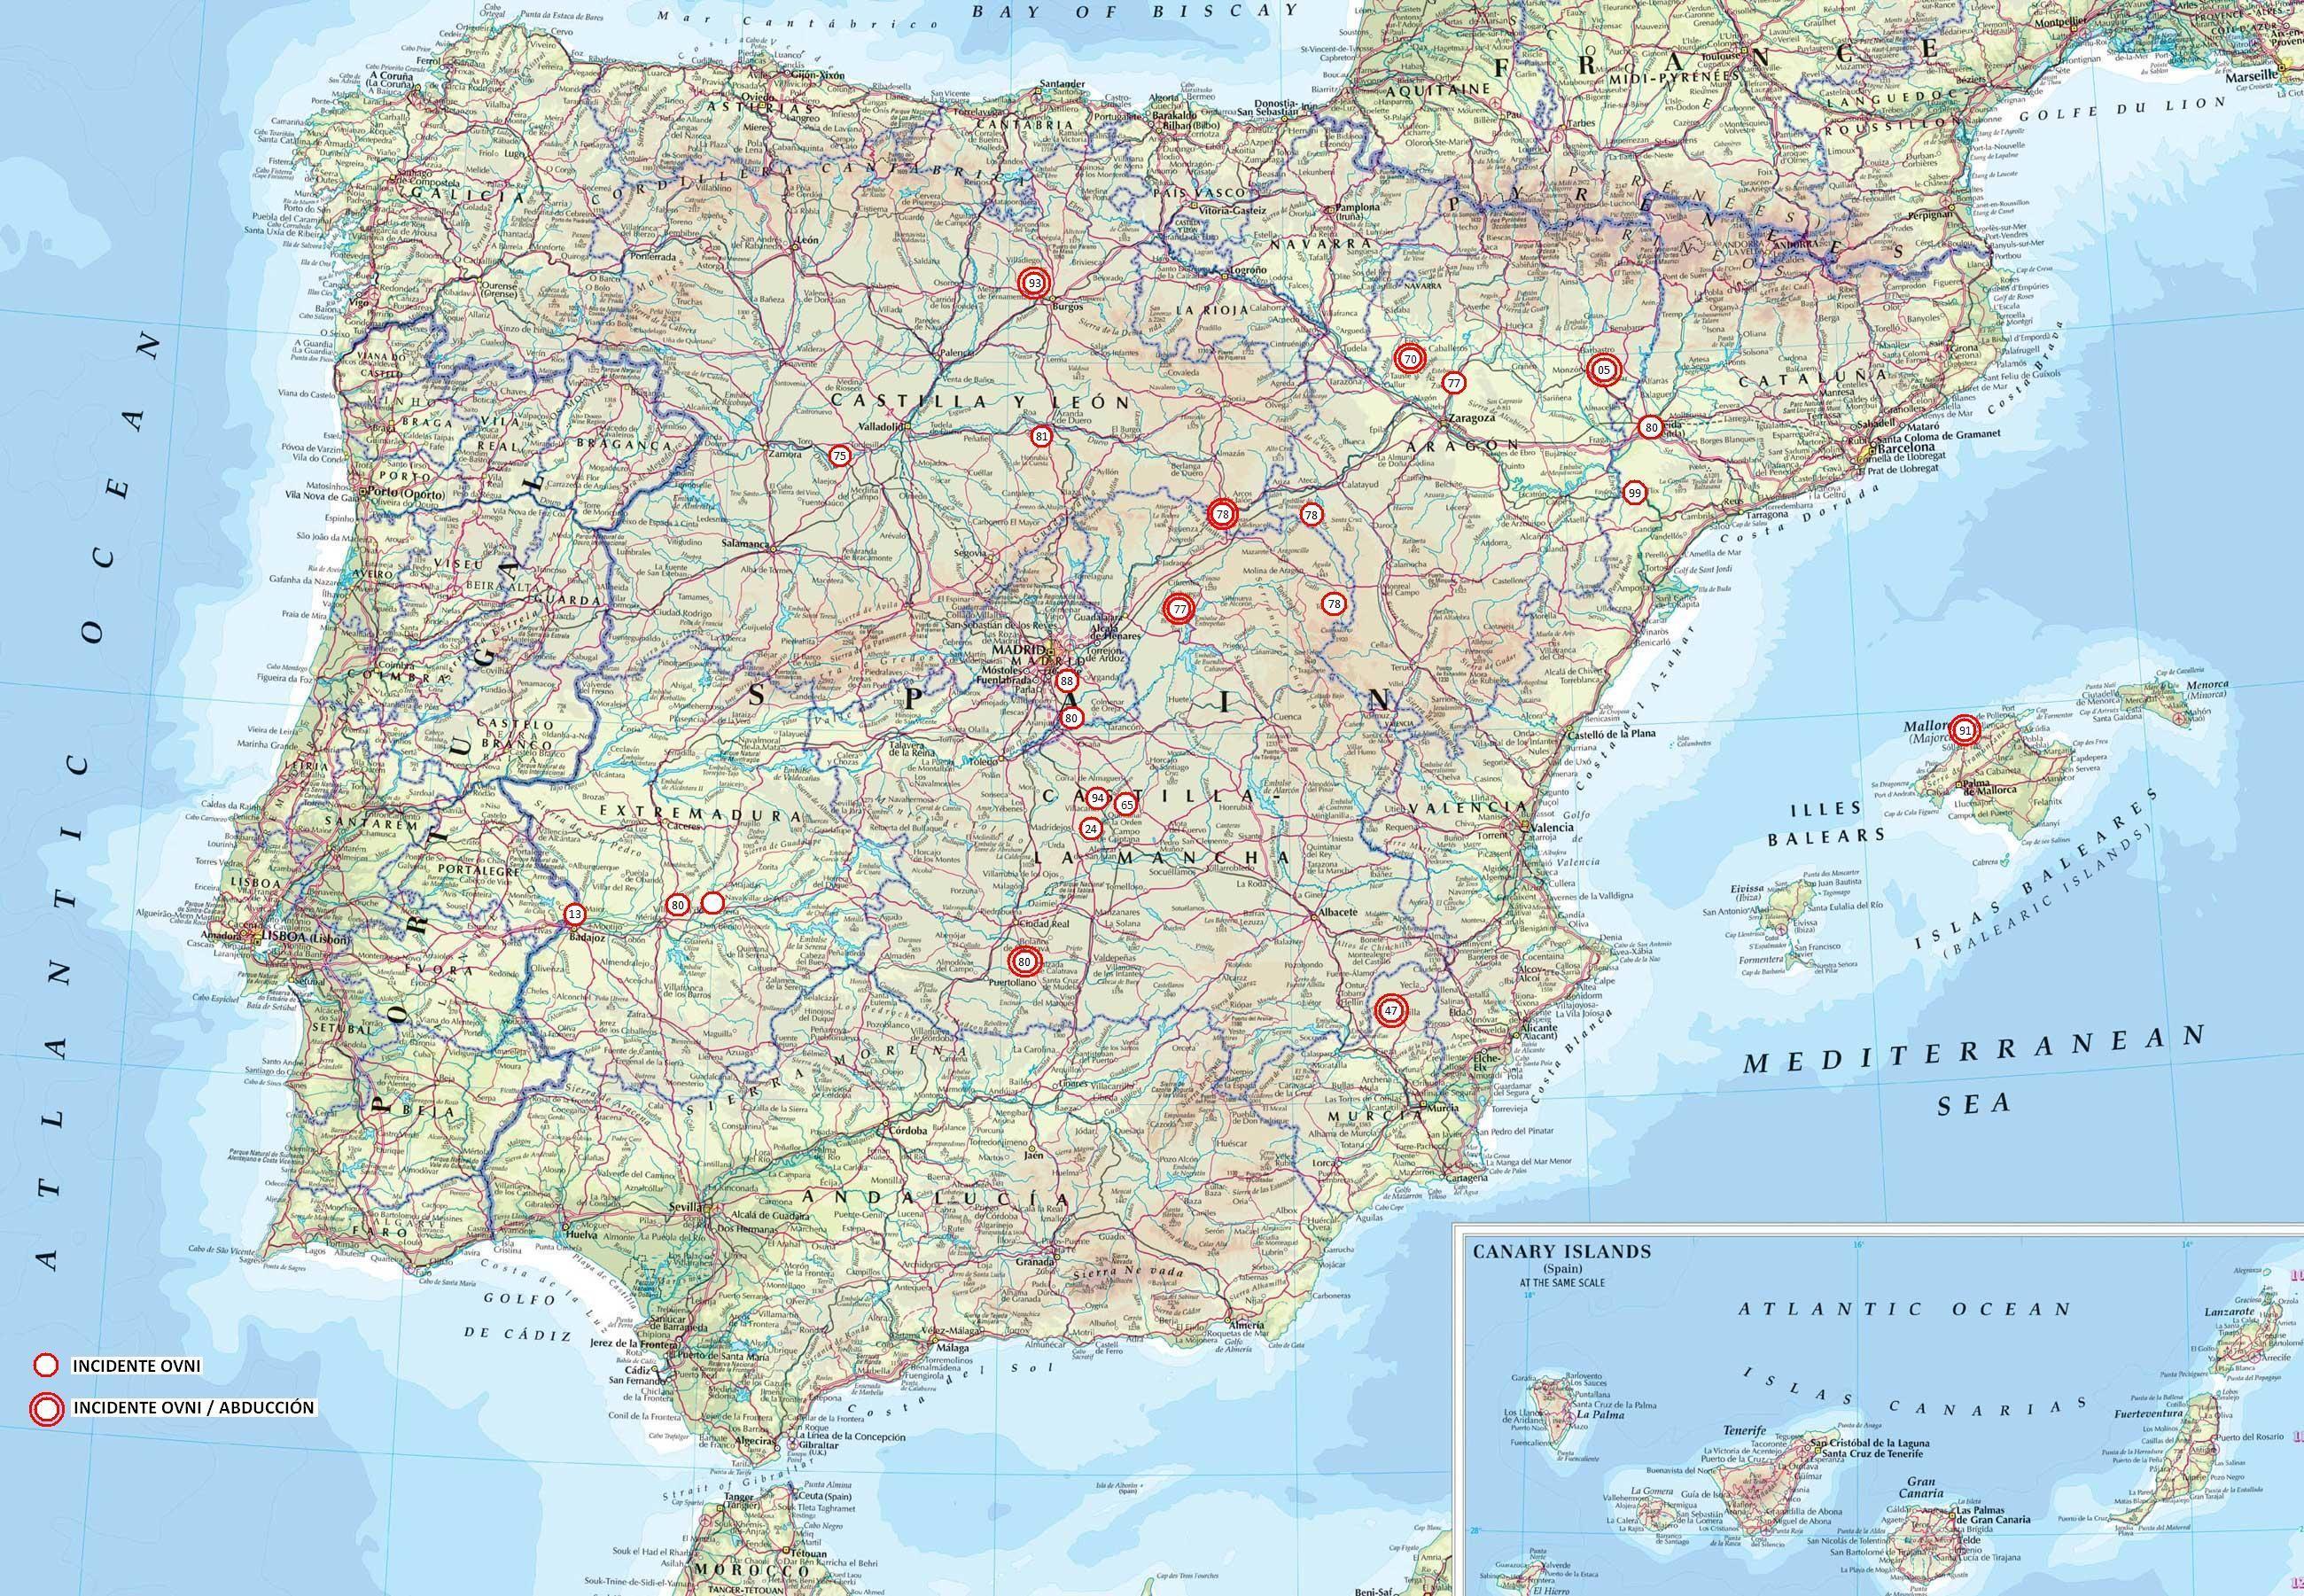 Mapa De Espana Pdf.Mapa De Carreteras De Espana Pdf Gratis Mapa Mapas De Carreteras Mapa De Espana Mapas